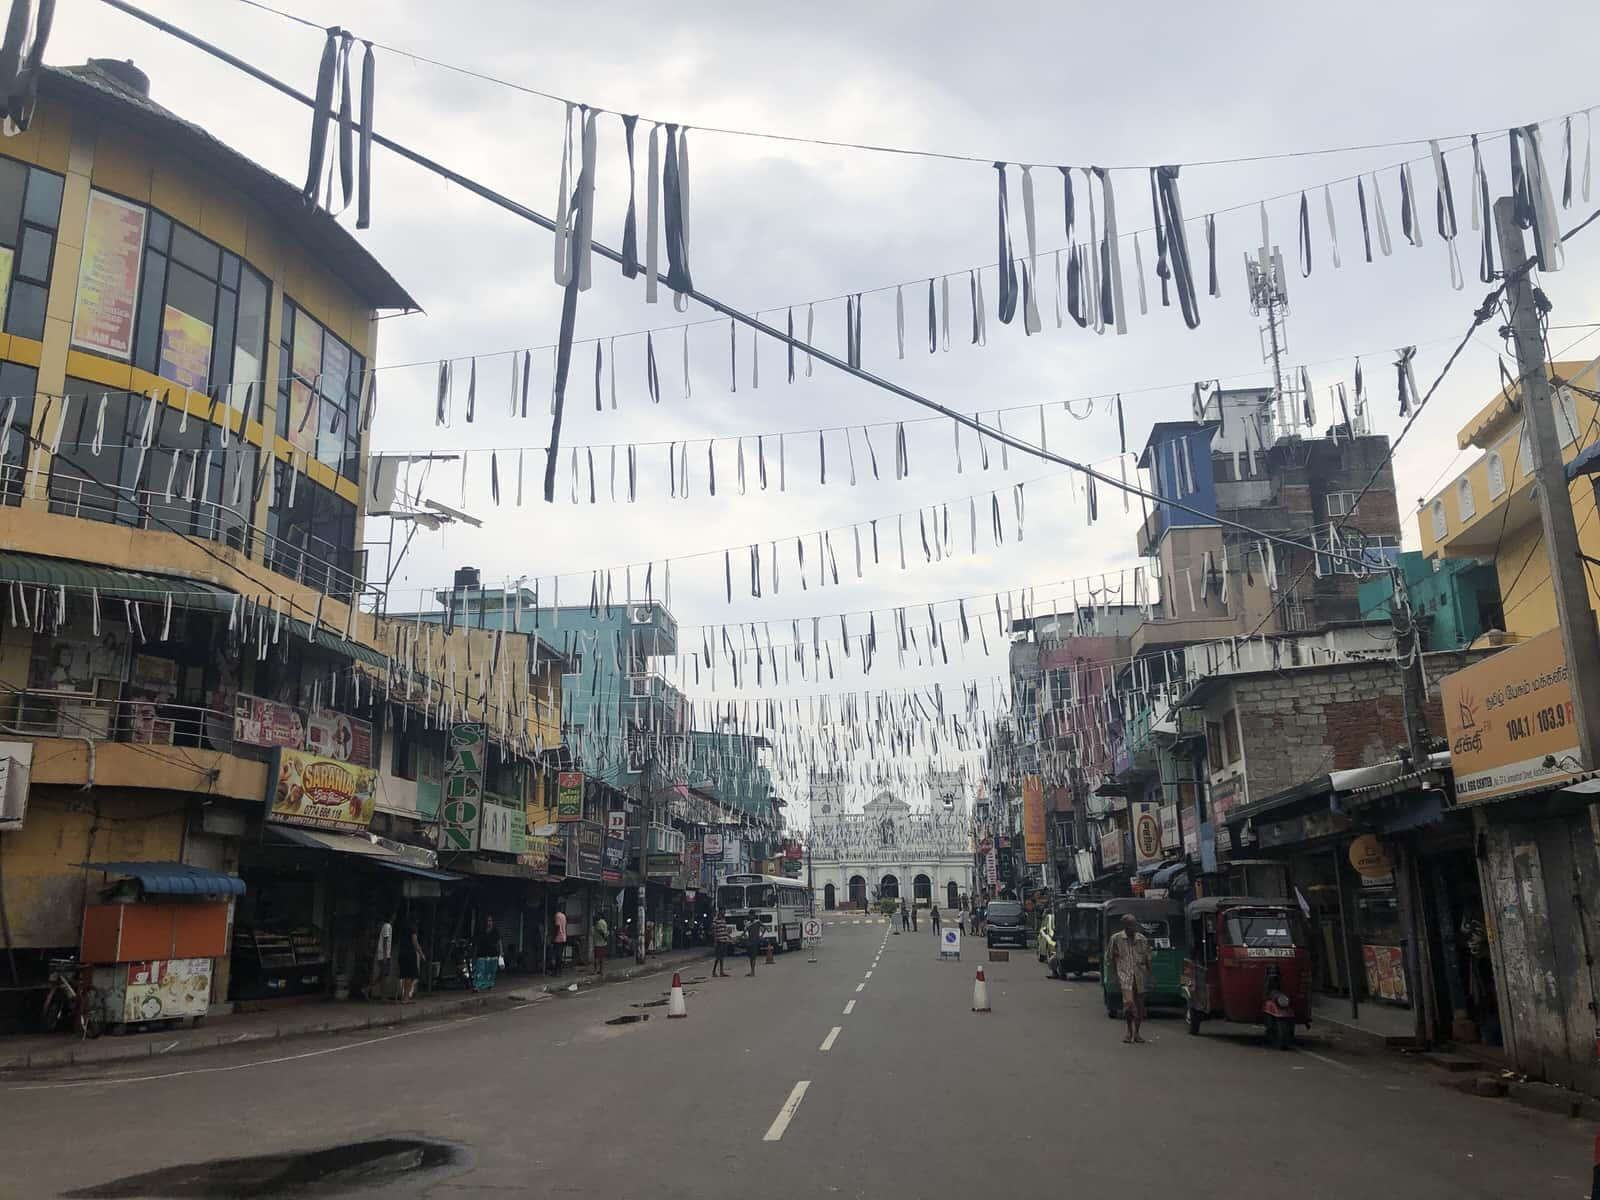 斯里蘭卡「戰地」手記:跟他打招呼的鄰居,變成了自殺炸彈襲擊者